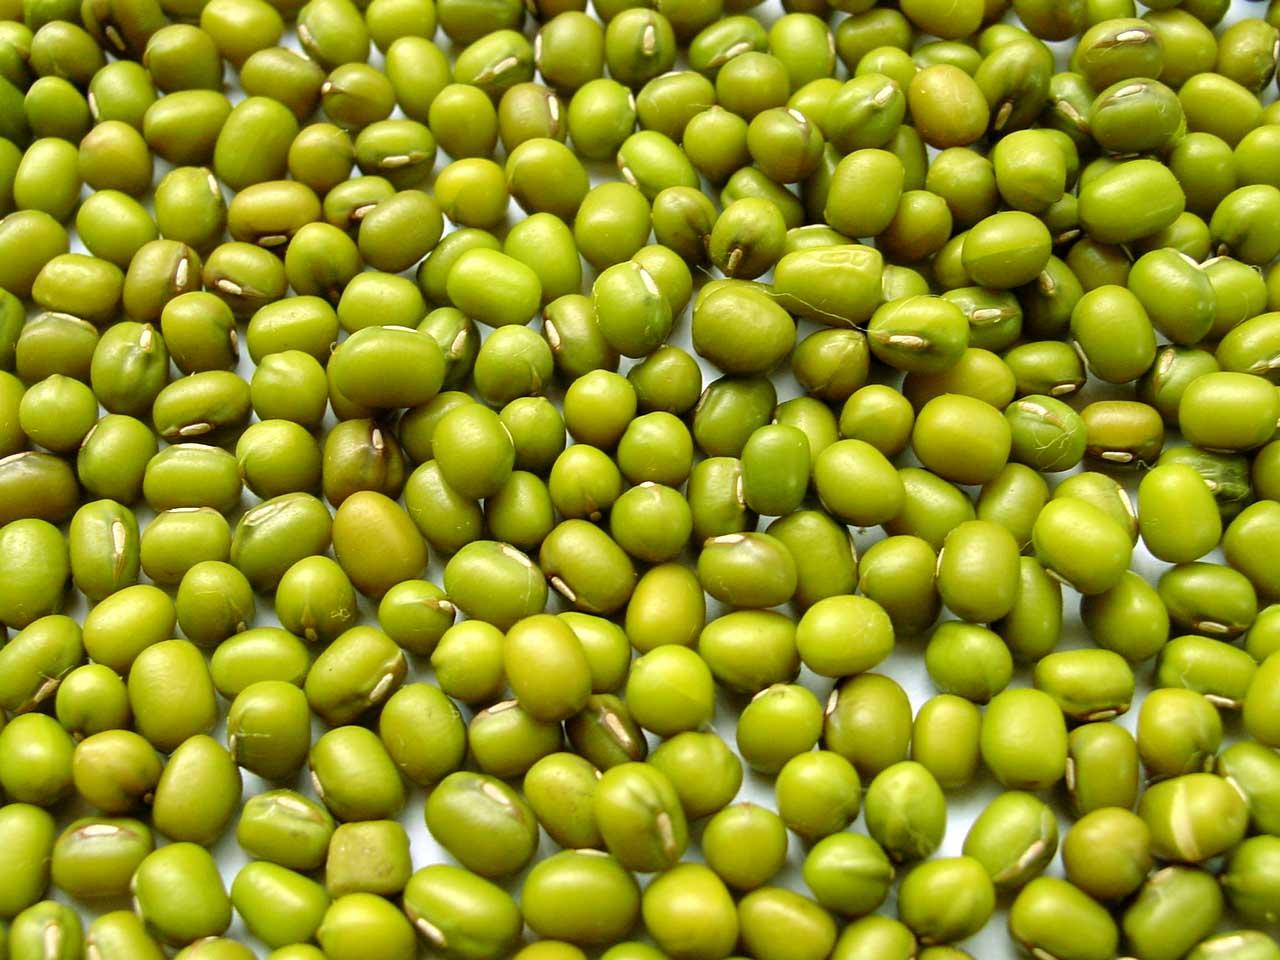 Маш крупа-польза и вред для мужчин, как проращивать проростки фасоли, ростки гороха и бобы для здоровья организма, возможные противопоказания